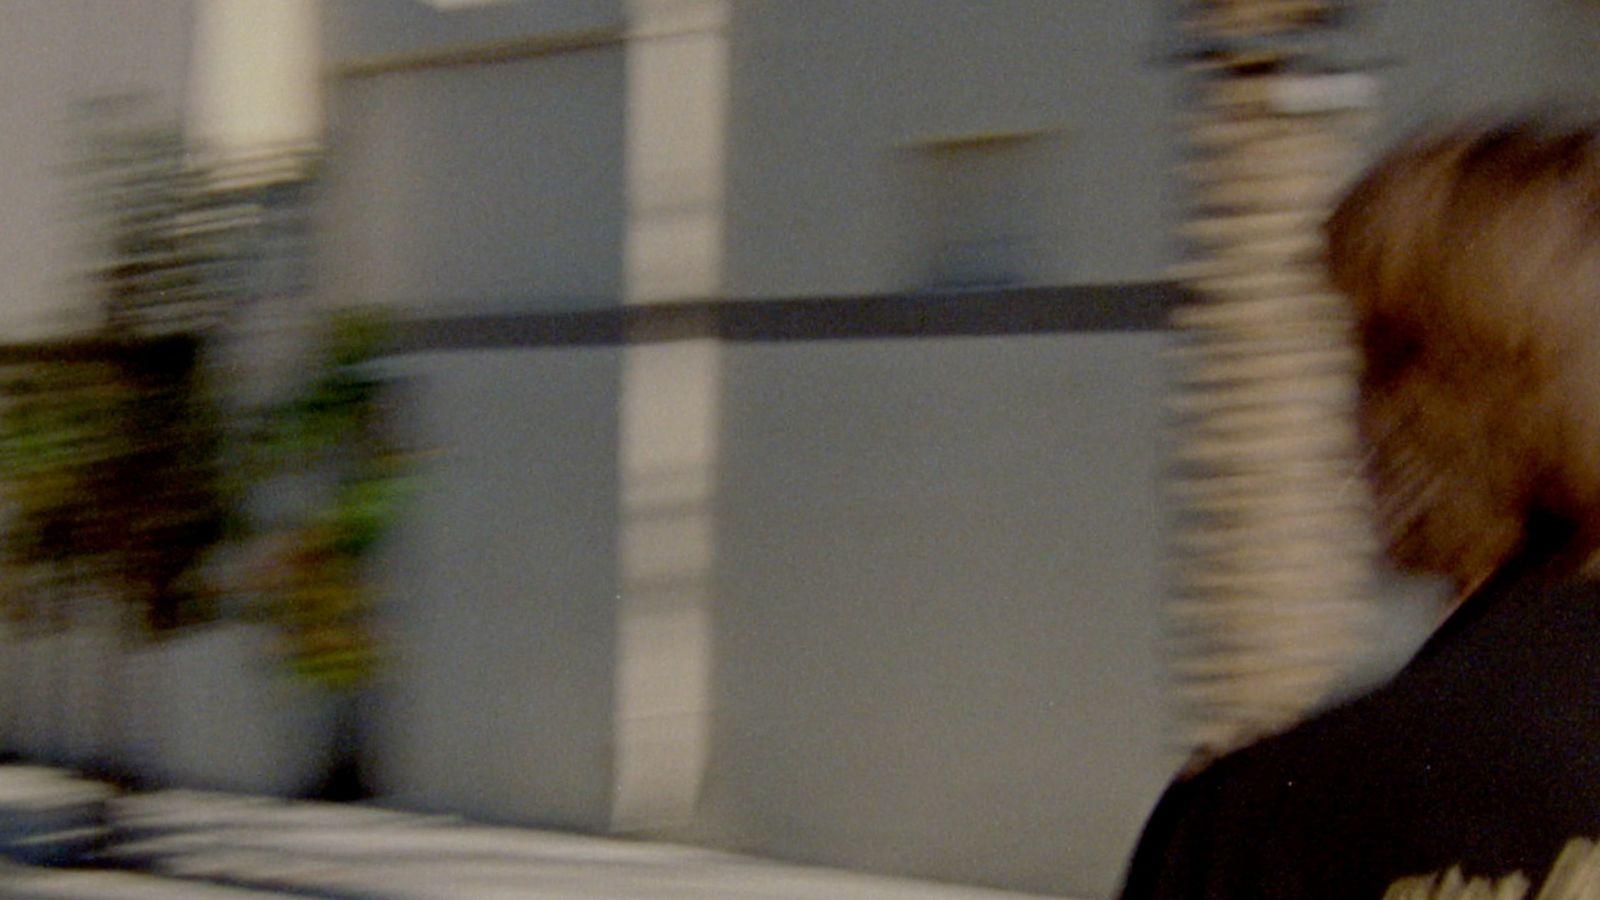 Captura de video de un hombre corriendo por la calle vistiendo prendas de nuestra última colección.